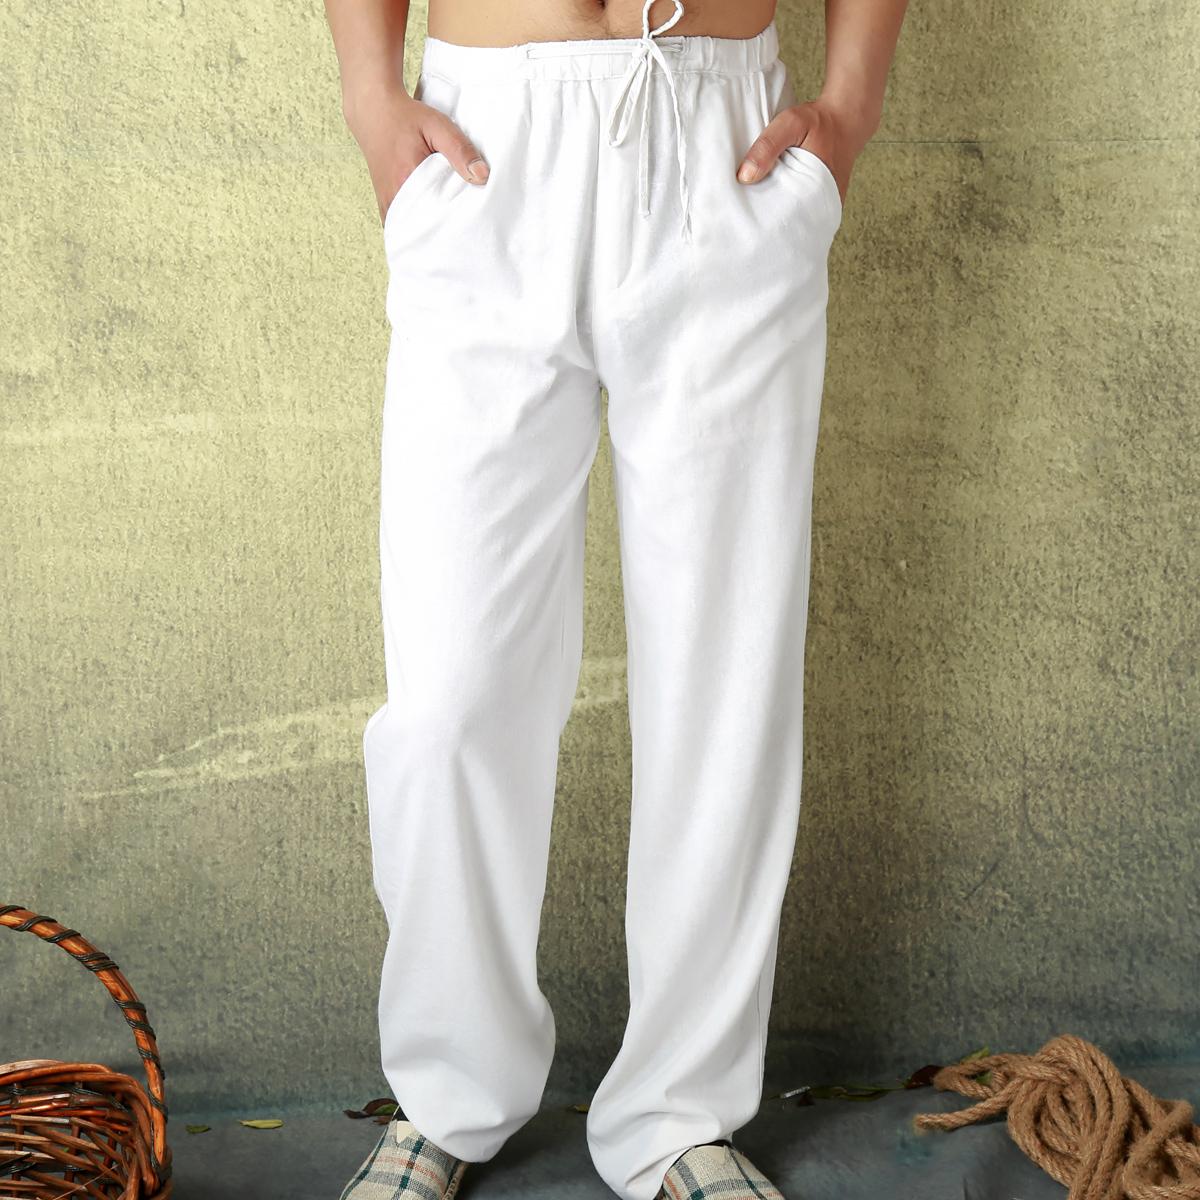 夏季新款男士休闲亚麻裤纯白色宽松紧薄复古中国风棉麻阔腿长裤子